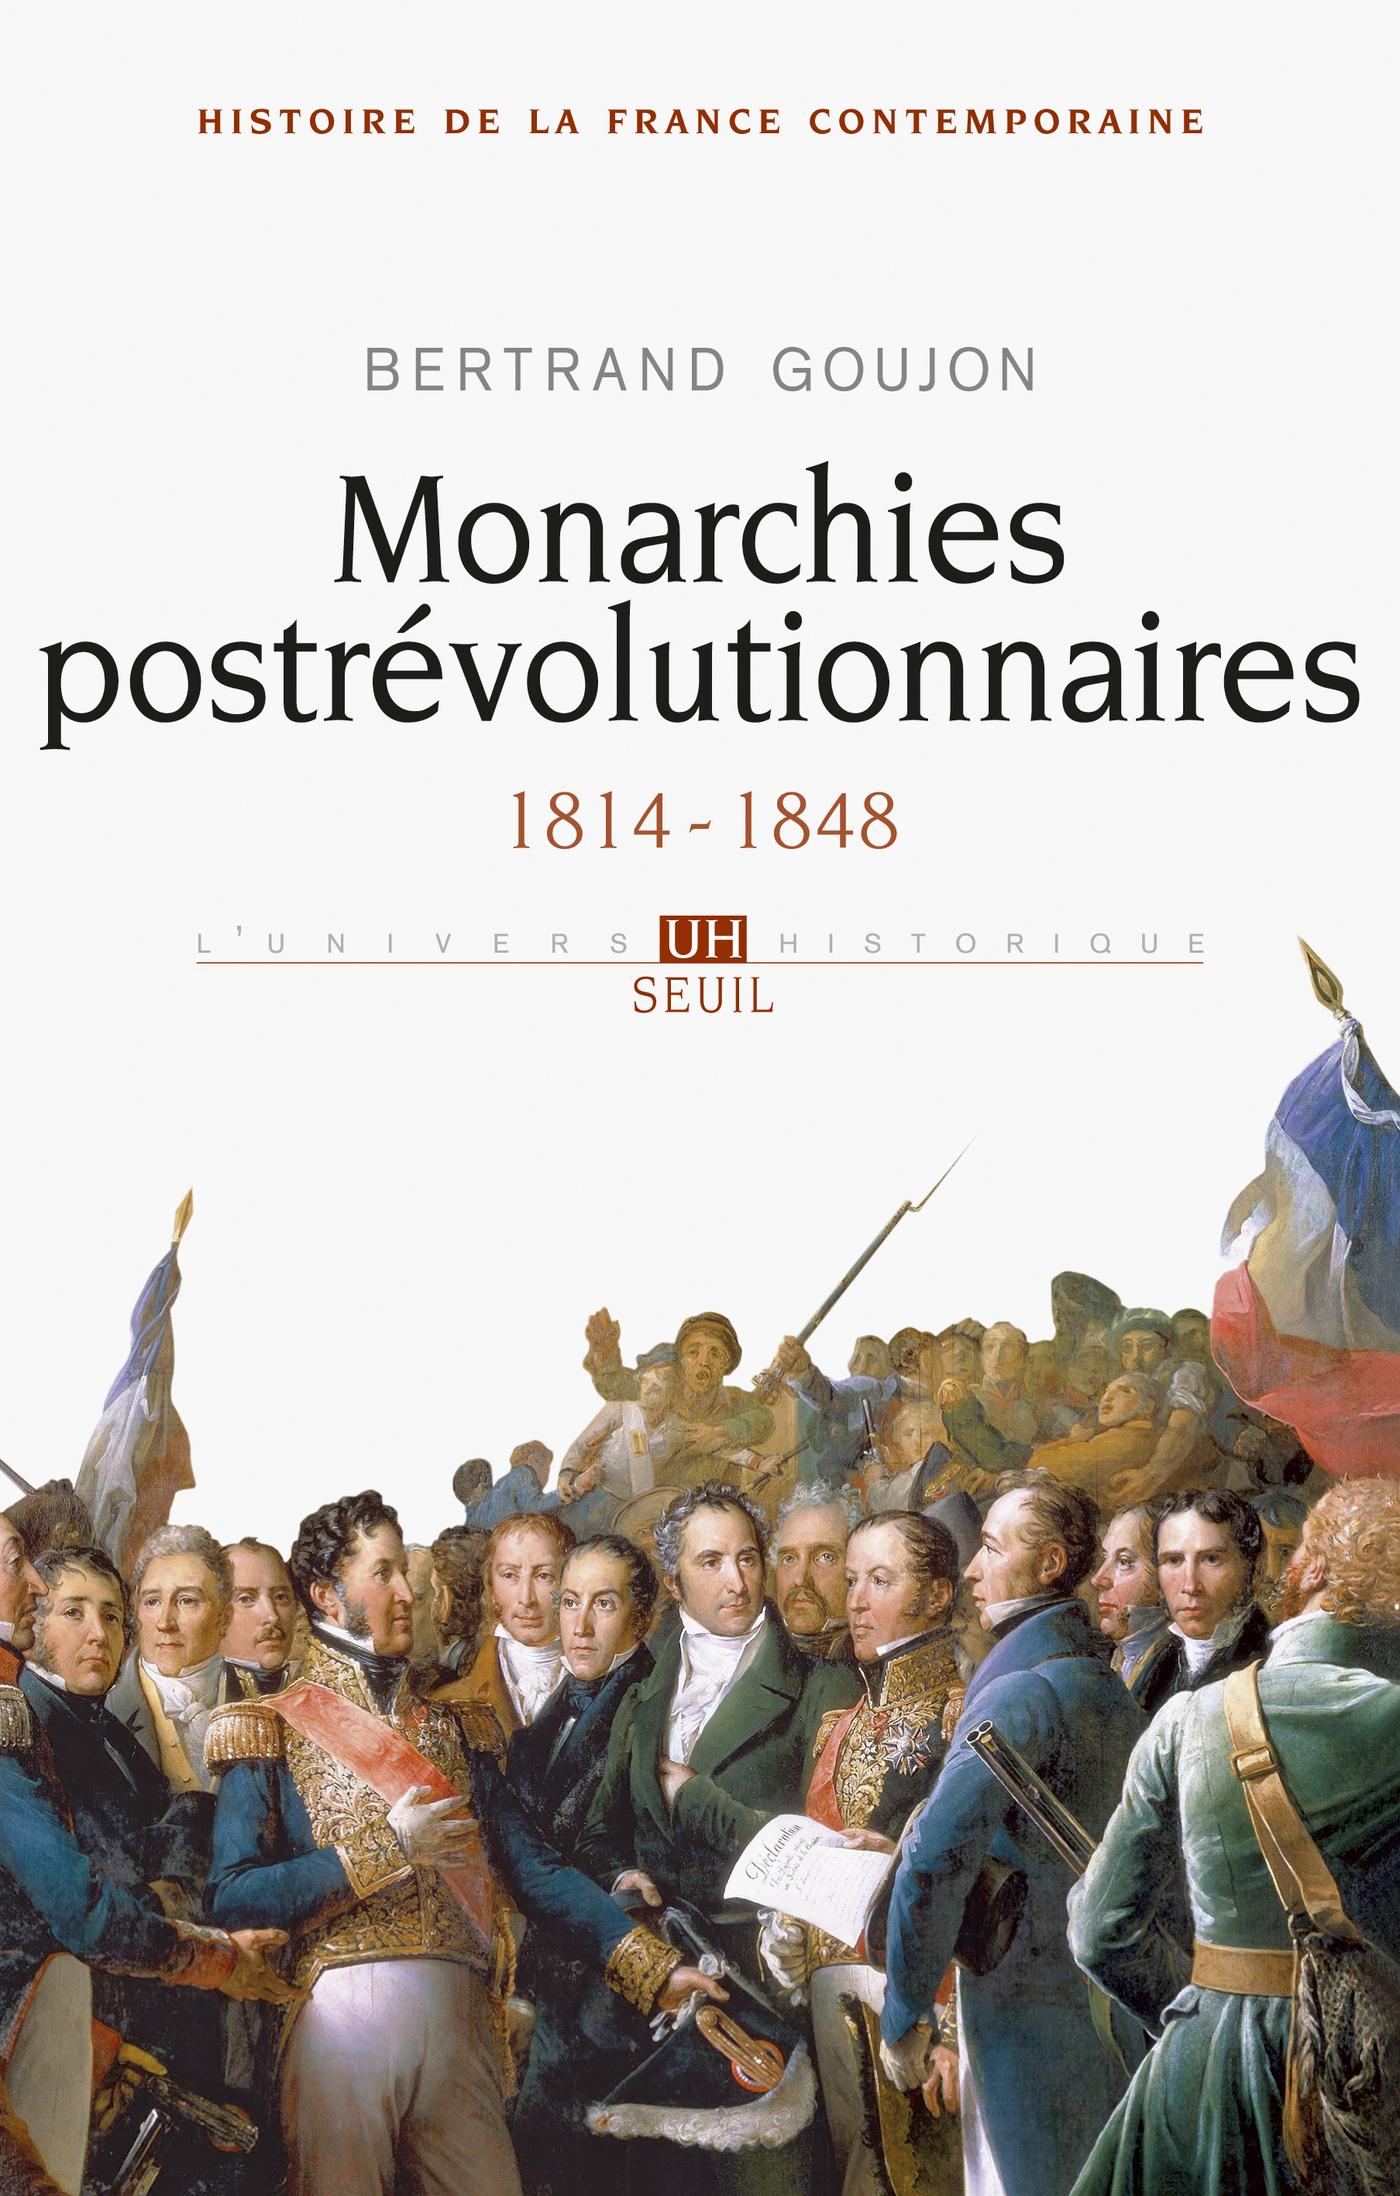 Monarchies postrévolutionnaires. 1814-1848